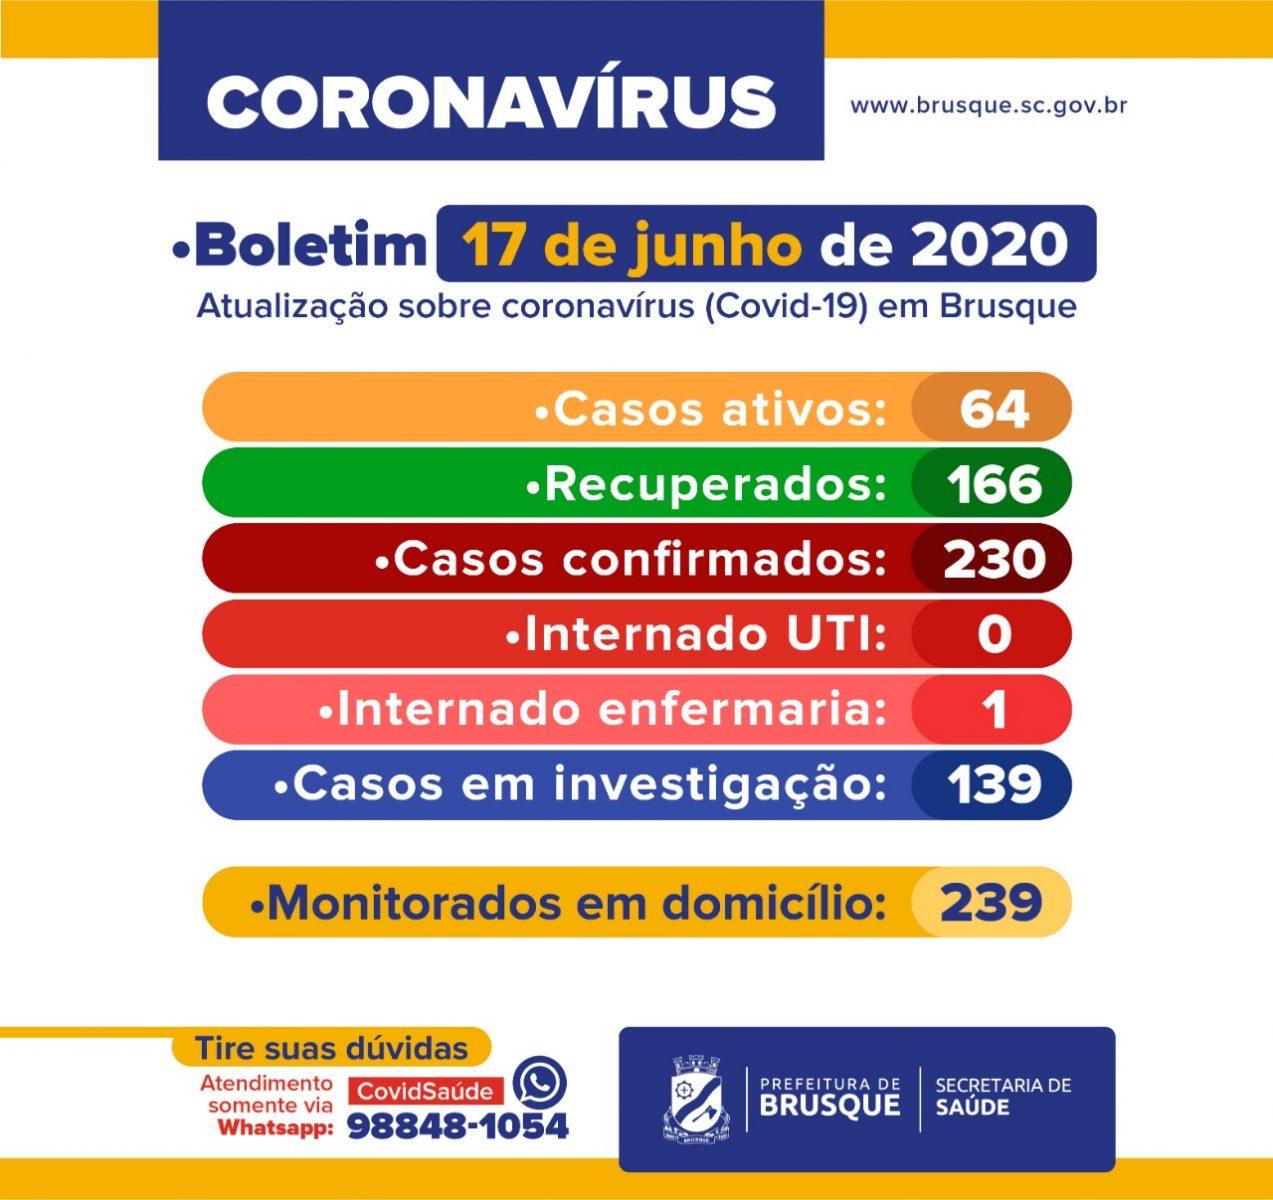 Confira o Boletim Epidemiológico da Prefeitura de Brusque desta quarta-feira (17)